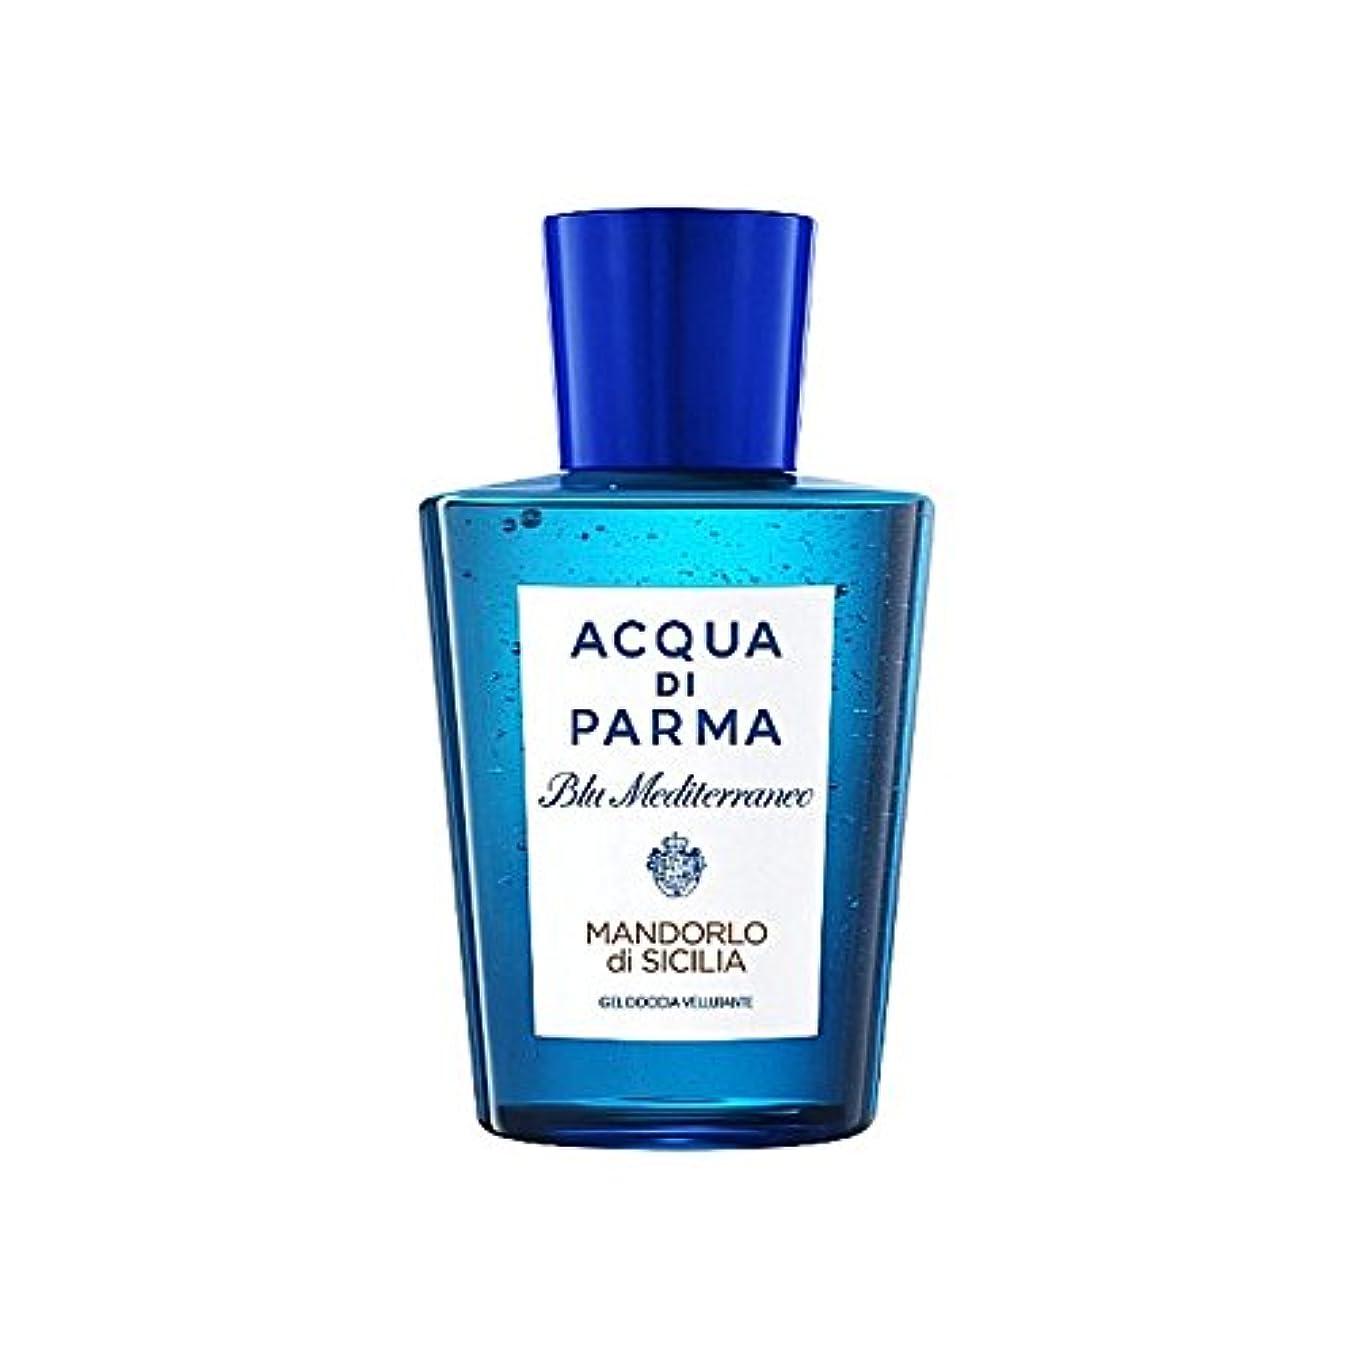 最少租界安心Acqua Di Parma Blu Mediterraneo Mandorlo Di Sicilia Shower Gel 200ml - アクアディパルマブルーメディマンドルロディシチリアシャワージェル200 [並行輸入品]